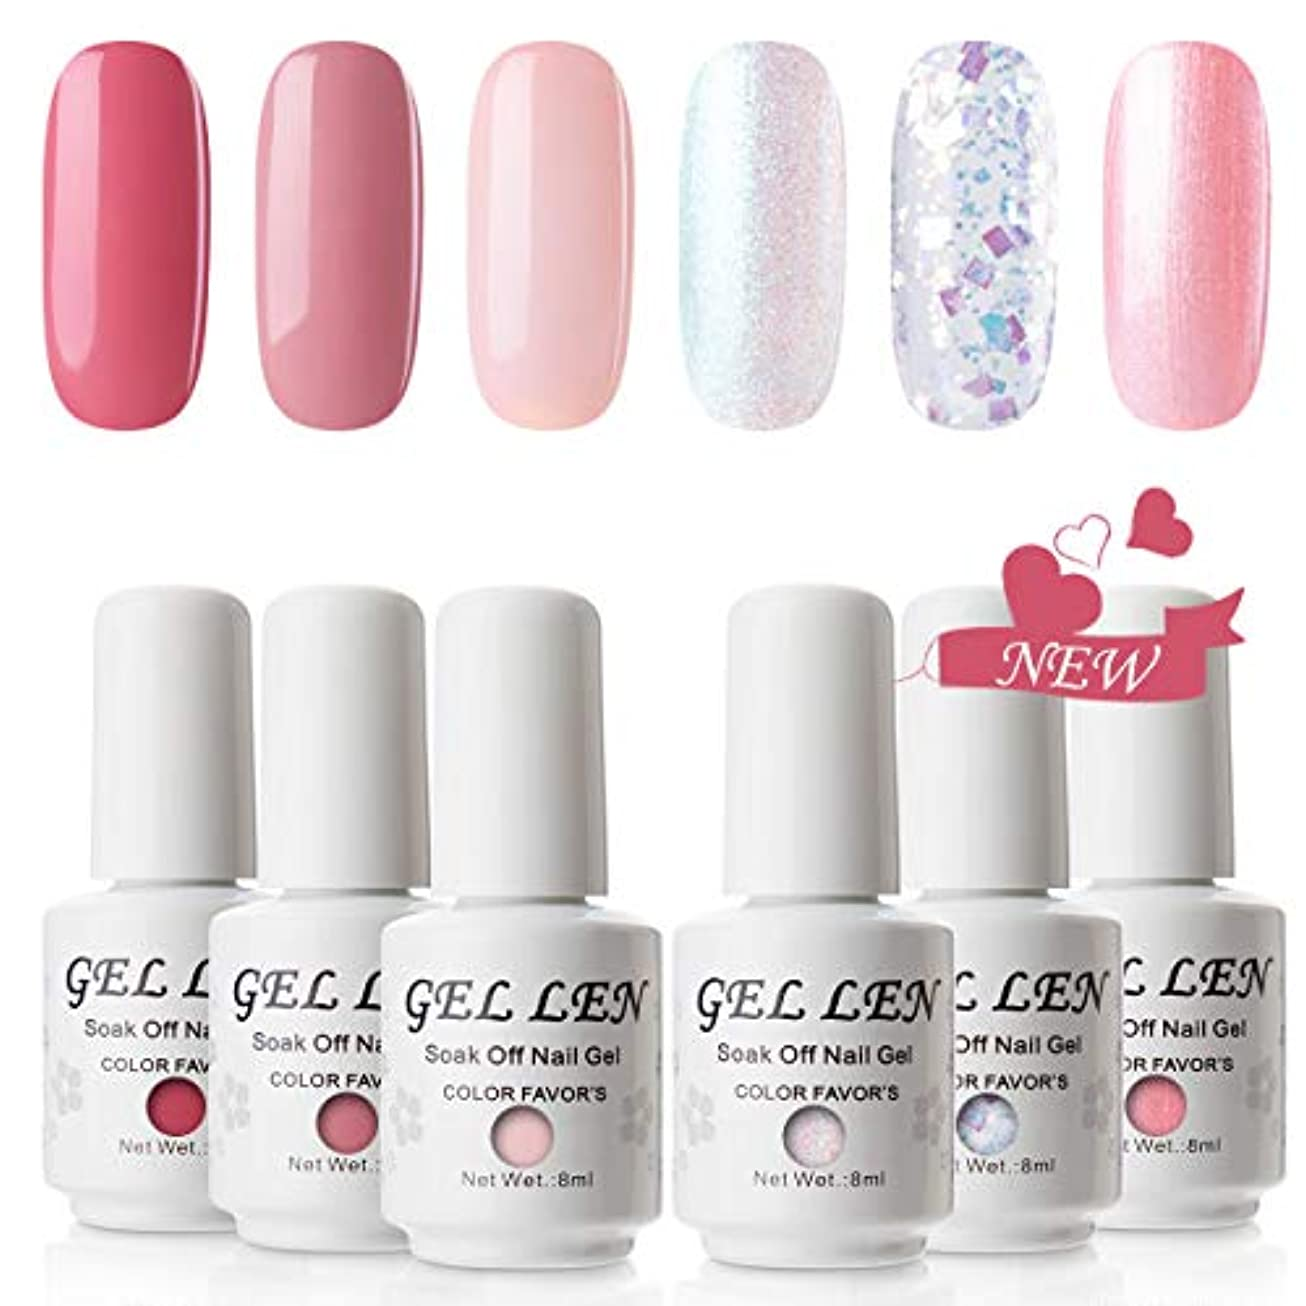 徹底検索エンジンマーケティング実験Gellen ジェルネイル カラージェル 厳選6色 UV/LED ラメ 全ての女性に愛されるカラー 8ml ピンク ホワイトラメ